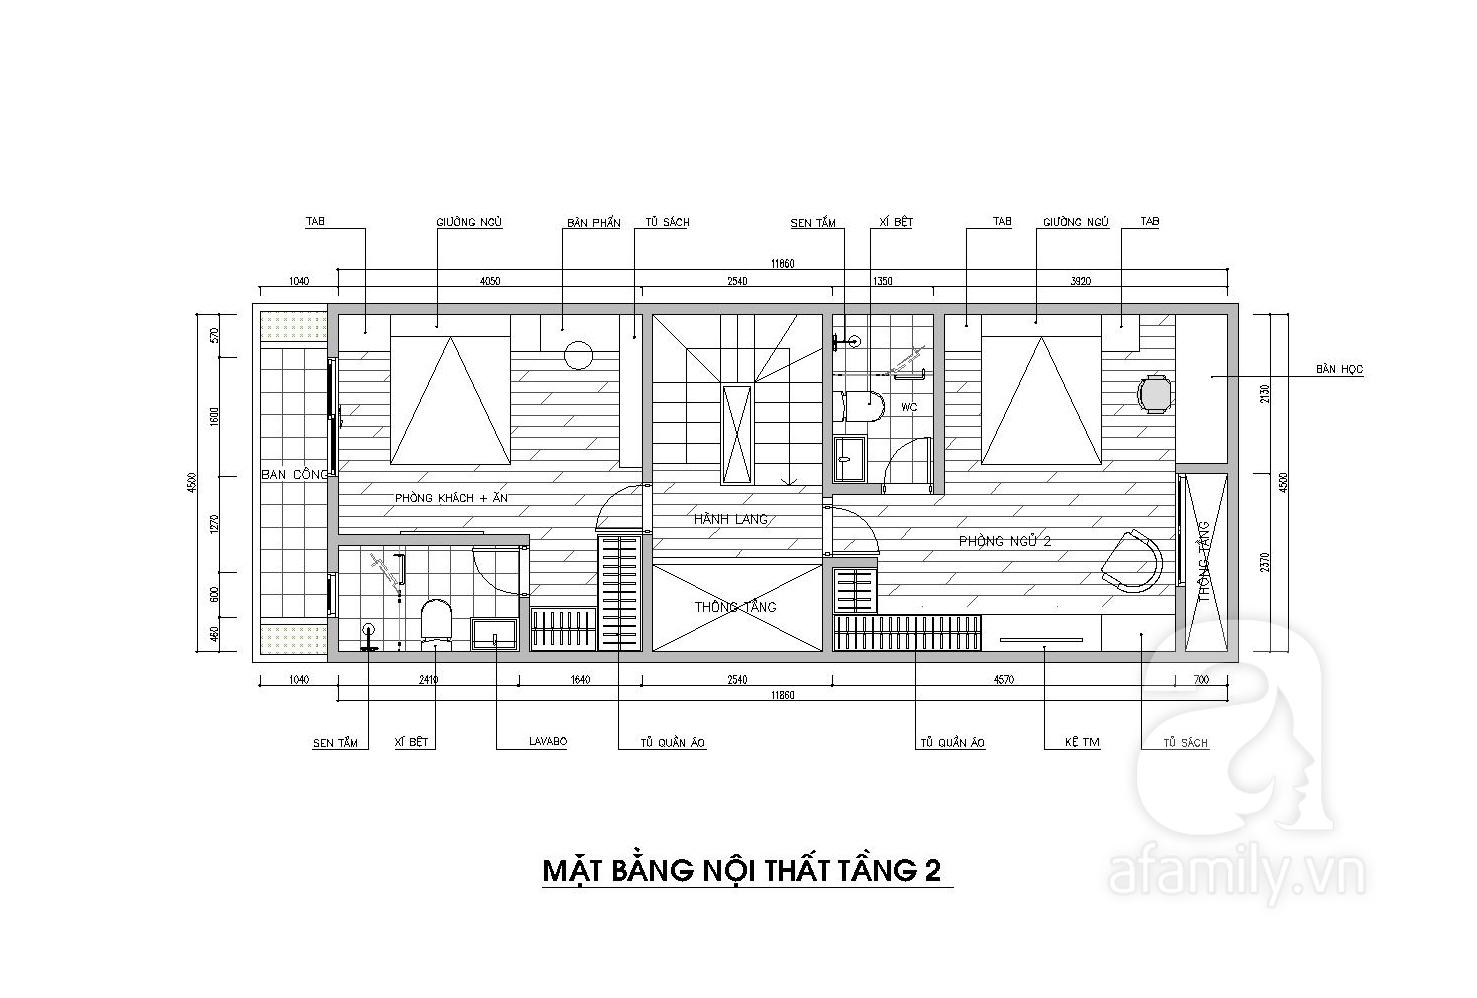 Tư vấn thiết kế căn nhà phong cách Scandinavian đơn giản mà đầy tinh tế với chi phí 155 triệu - Ảnh 3.